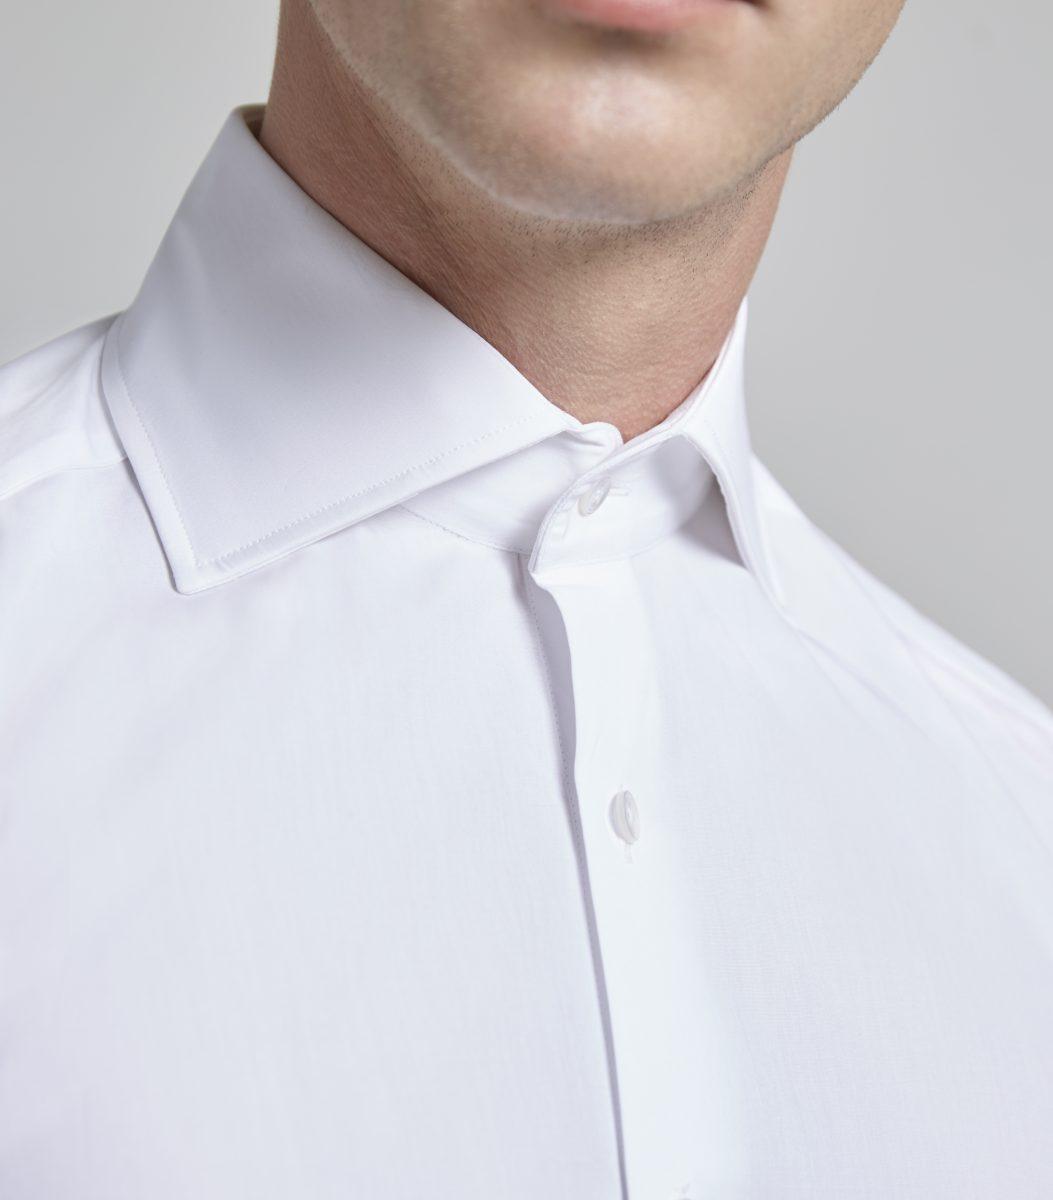 d3663e70962a White Poplin Marcella Slim Fit Double Cuff Shirt - Huntsman